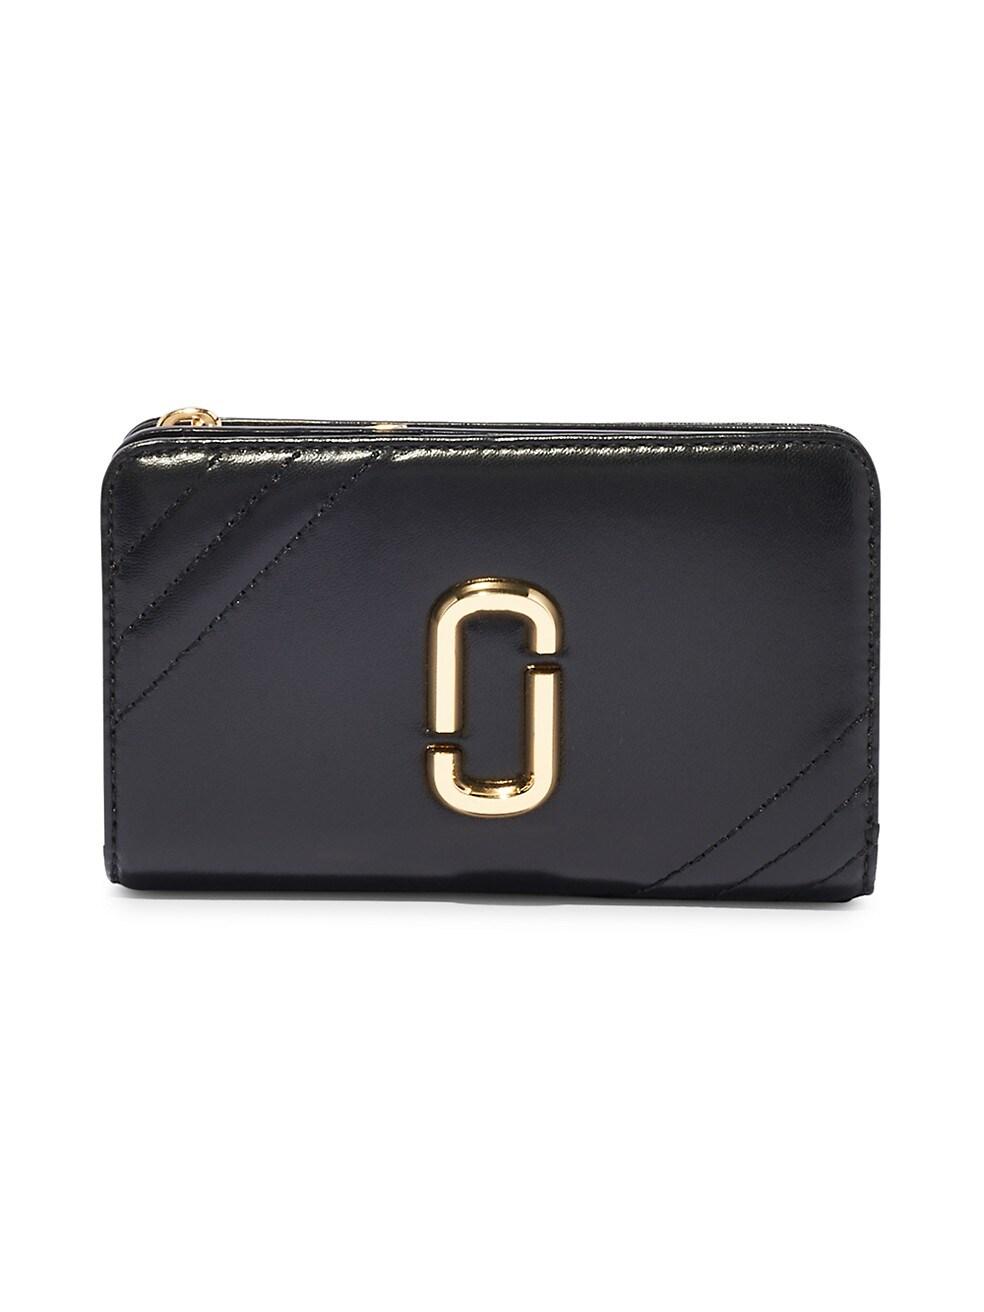 마크 제이콥스 지갑 Marc Jacobs Snapshot Leather Compact Wallet,BLACK